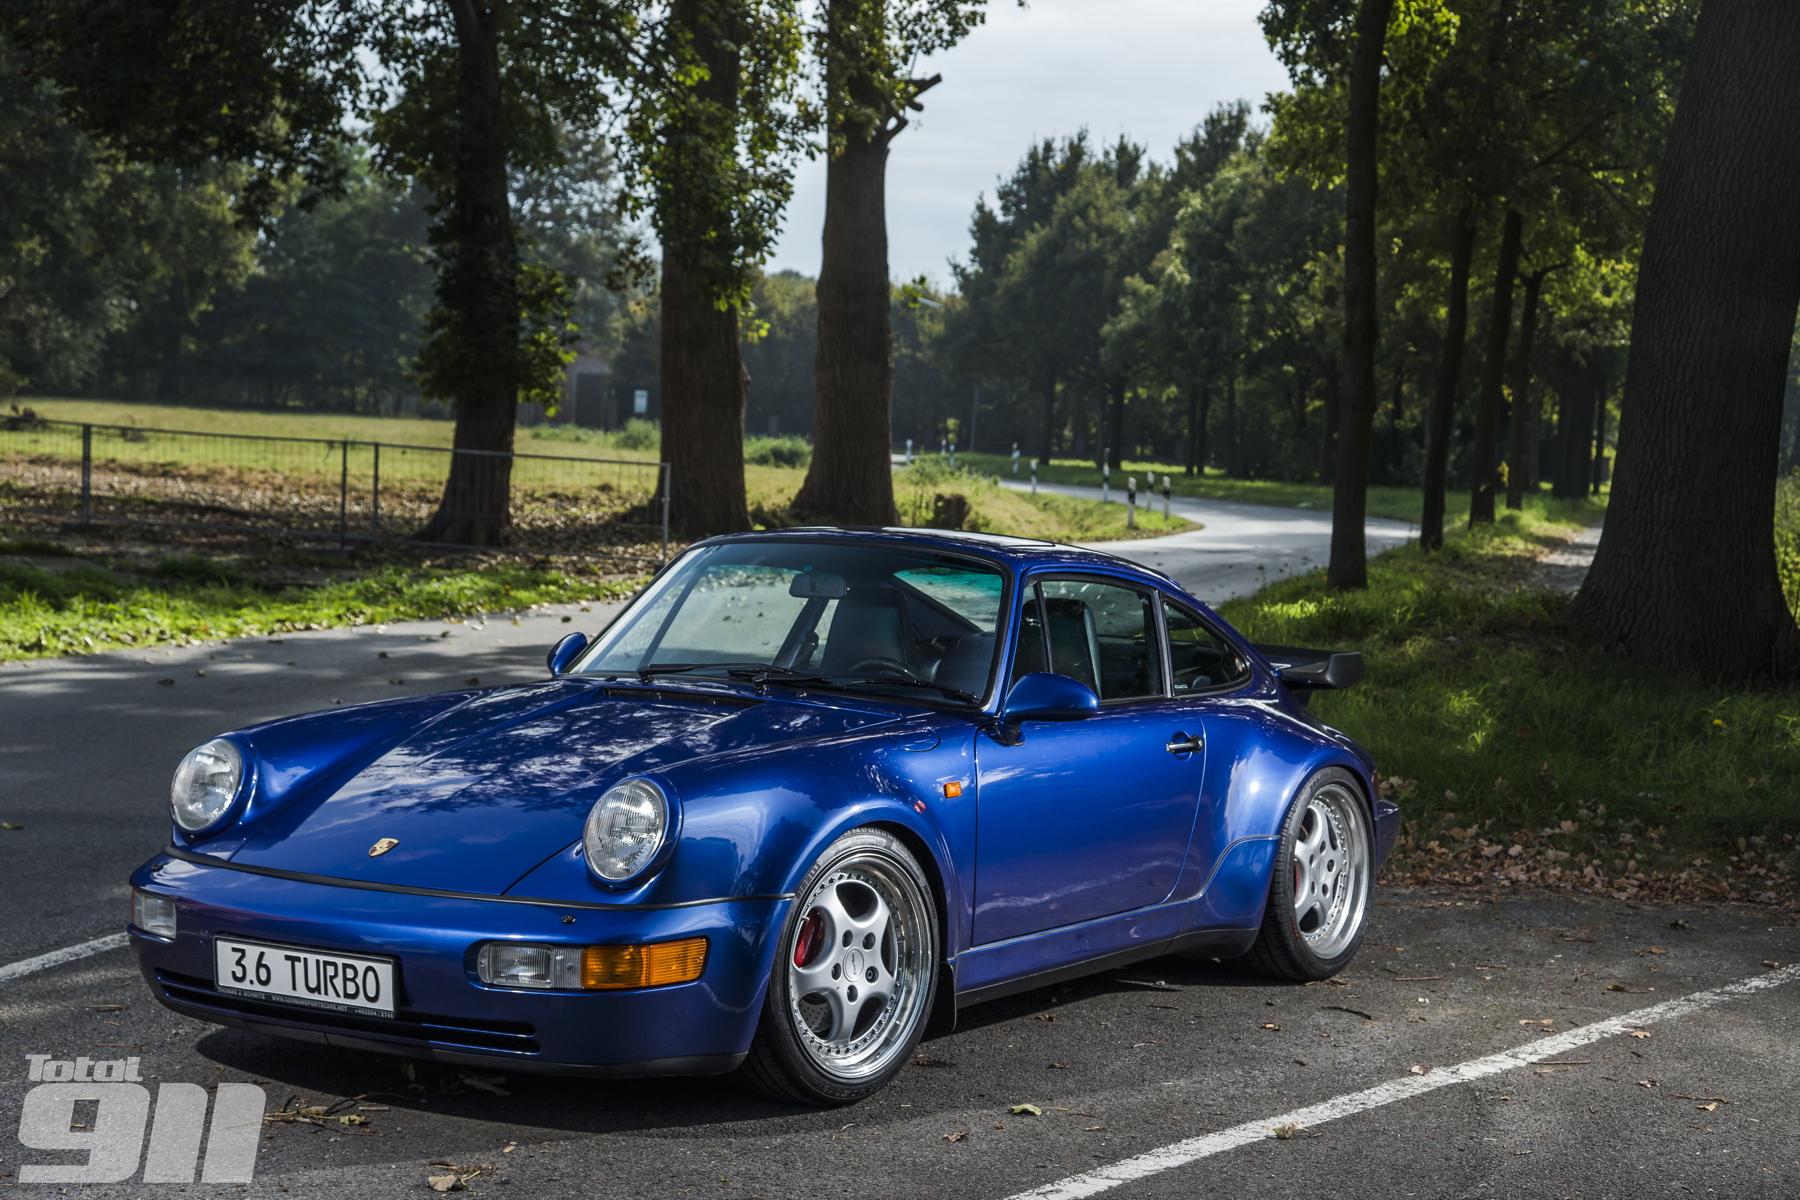 Porsche-964-Turbo-3.6.jpg